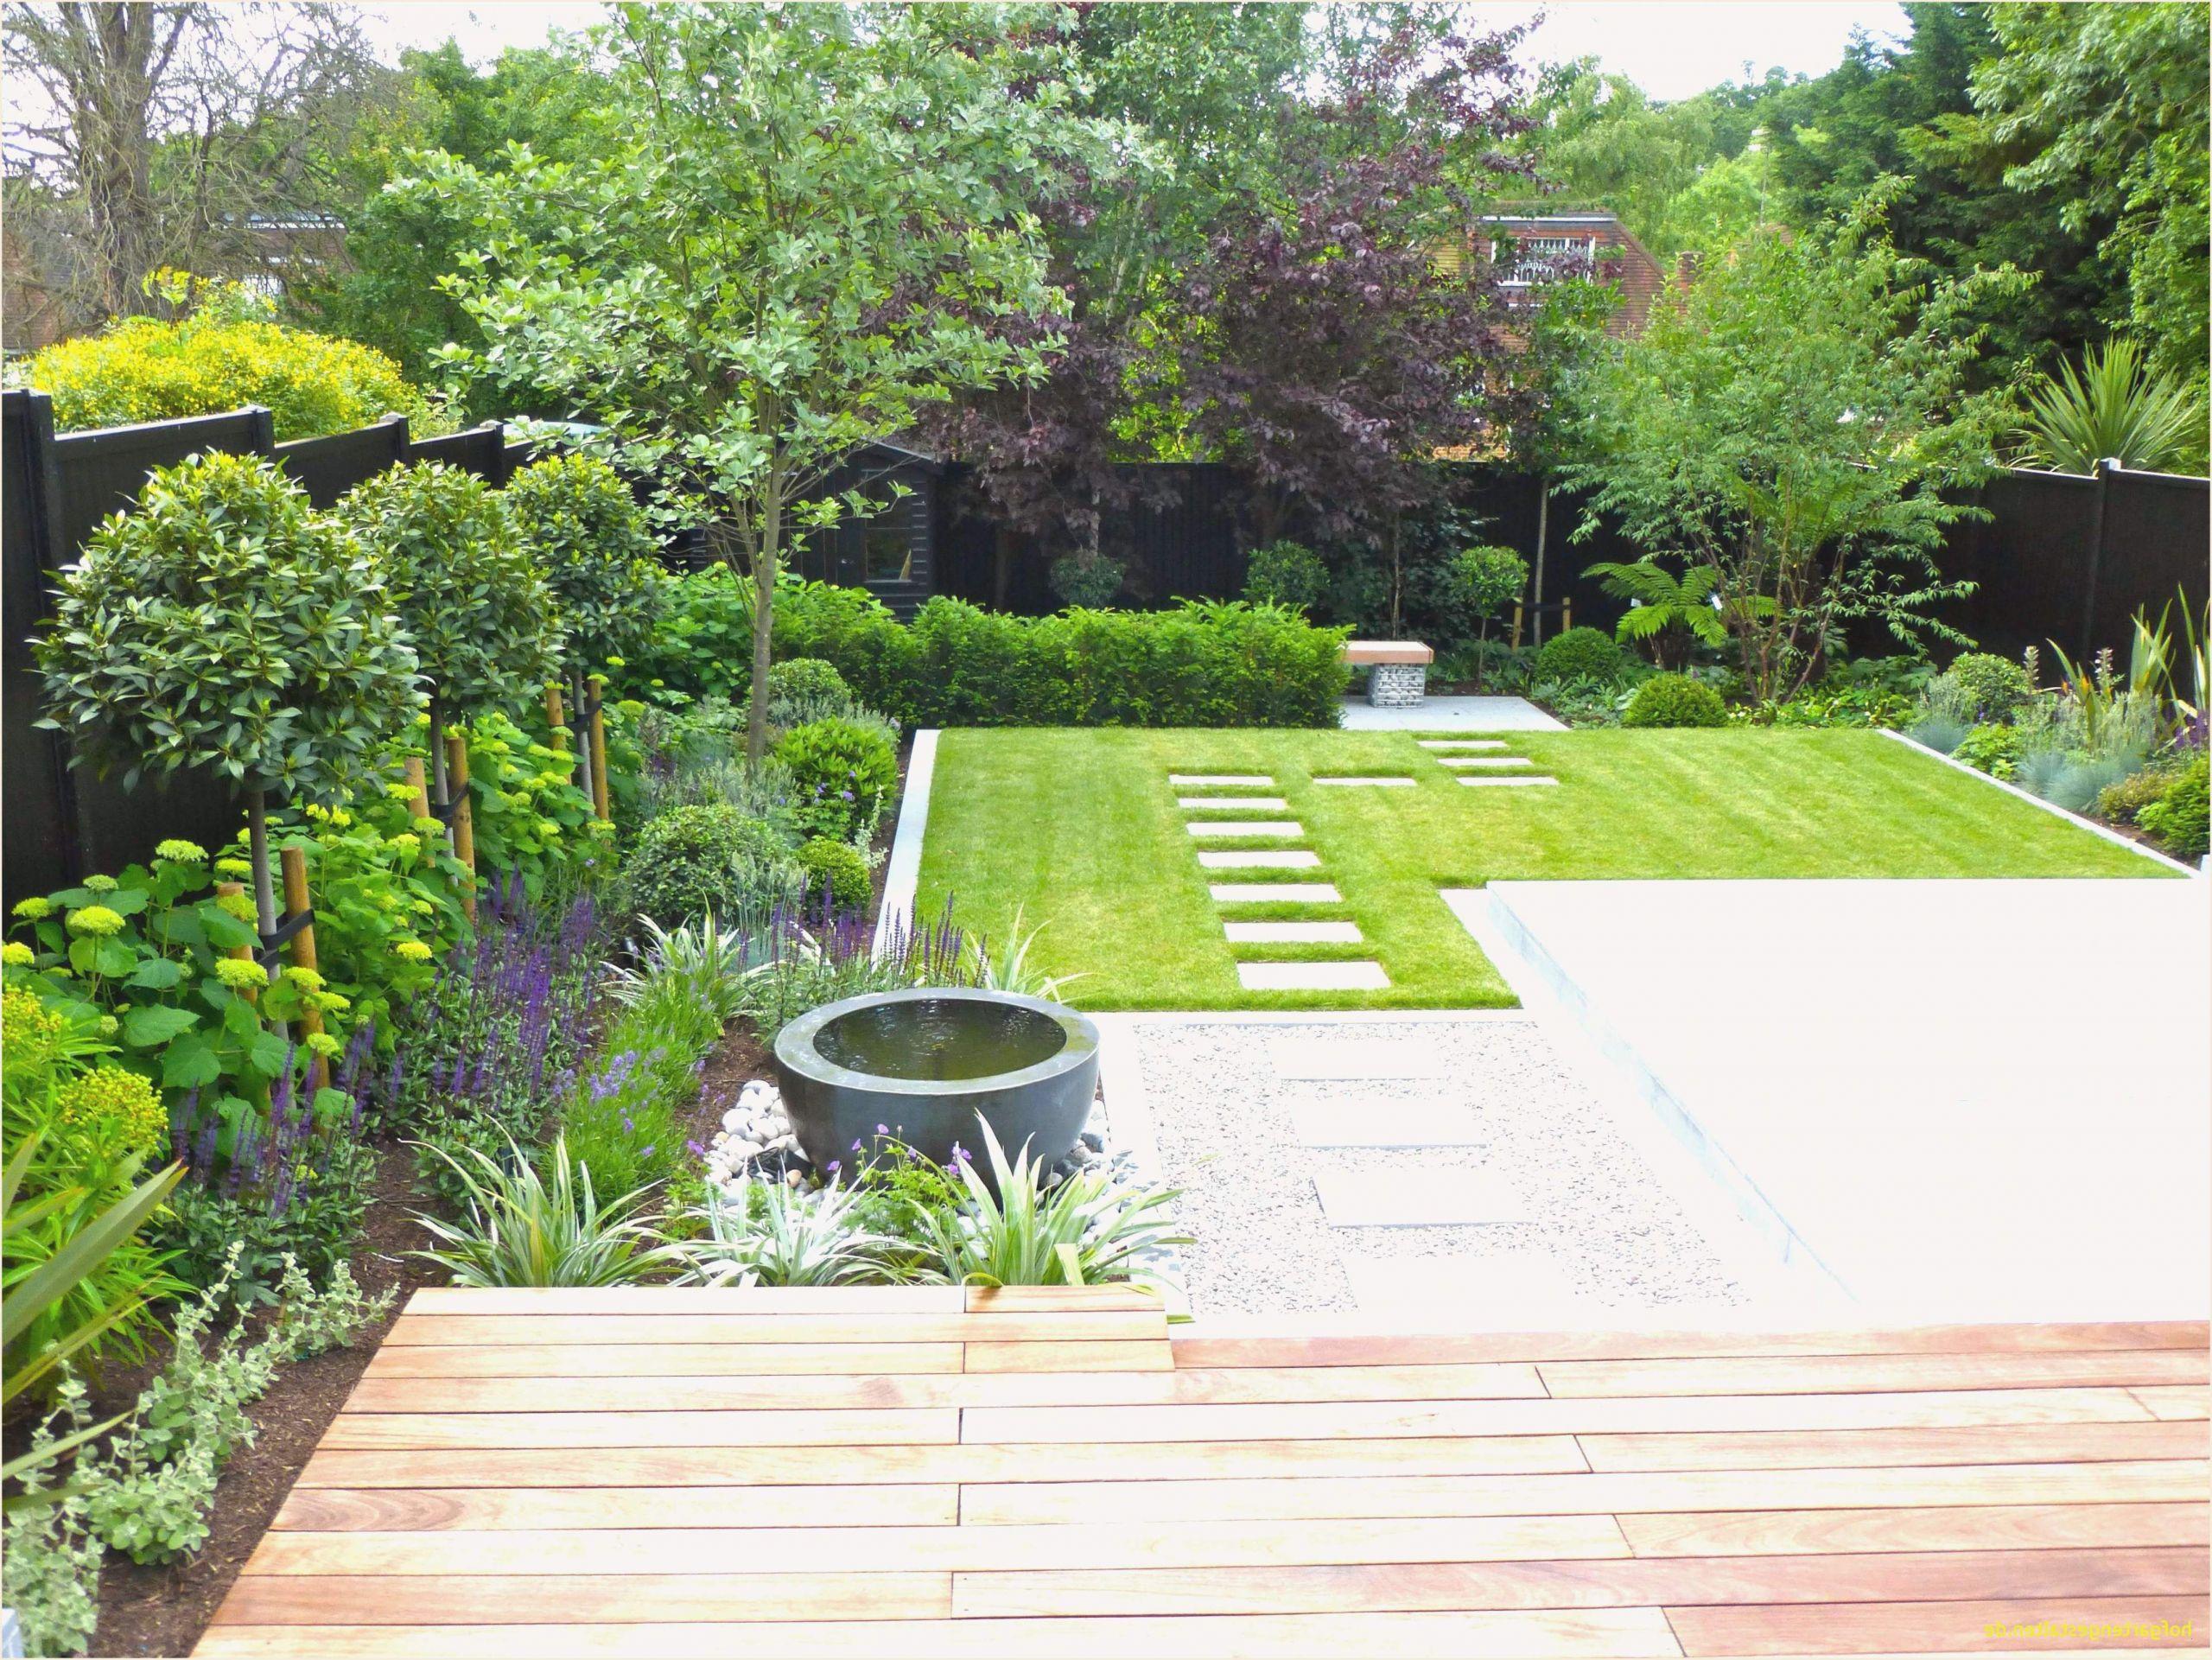 Großer Garten Schön Zimmerpflanzen Groß Modern — Temobardz Home Blog